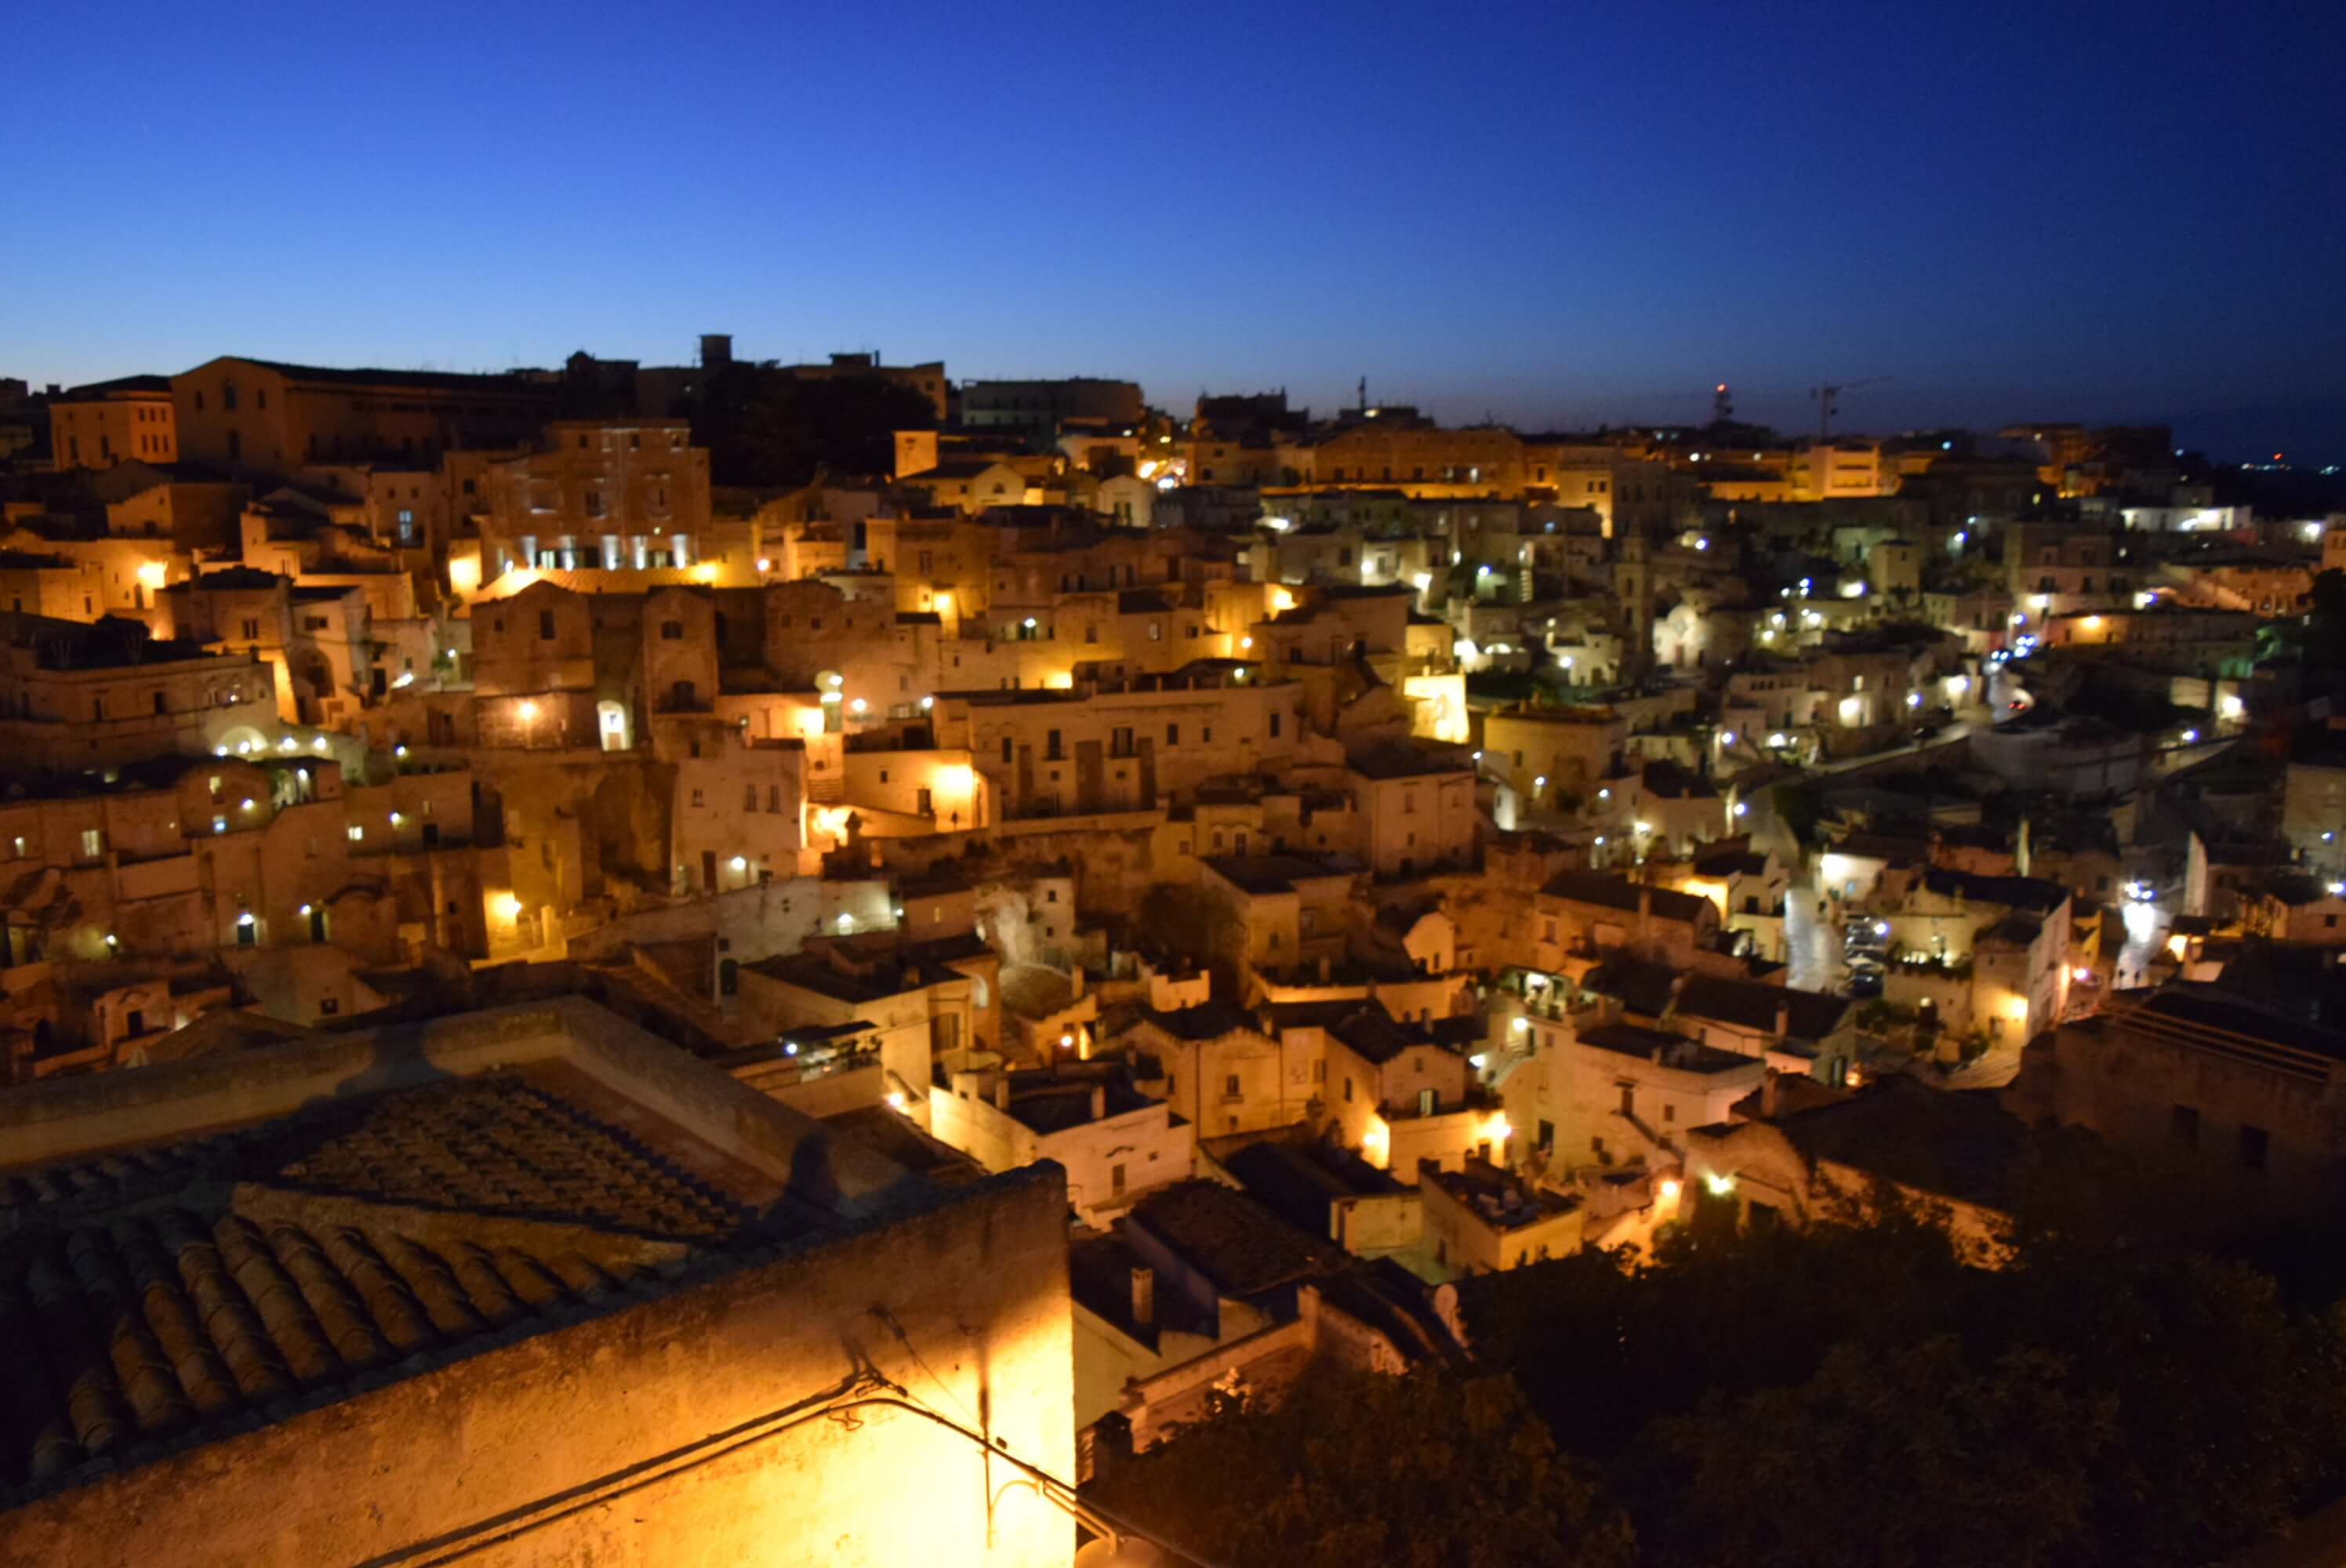 Vista Nocturna de Matera, Basilicata